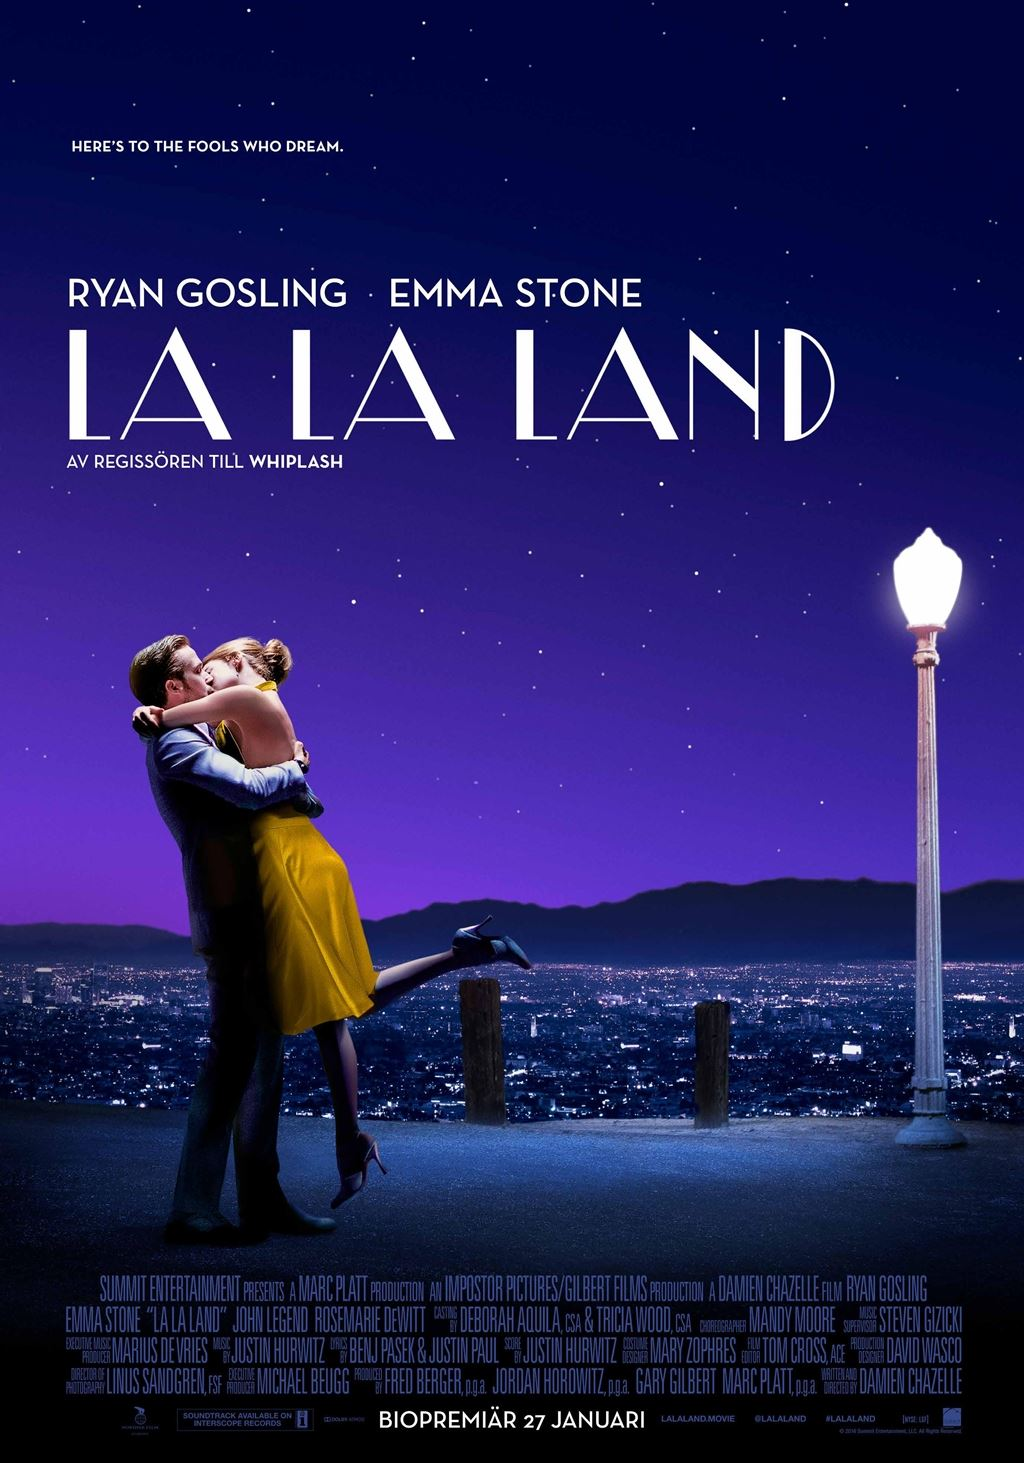 © Nordisk Film AB, Bio: La La Land